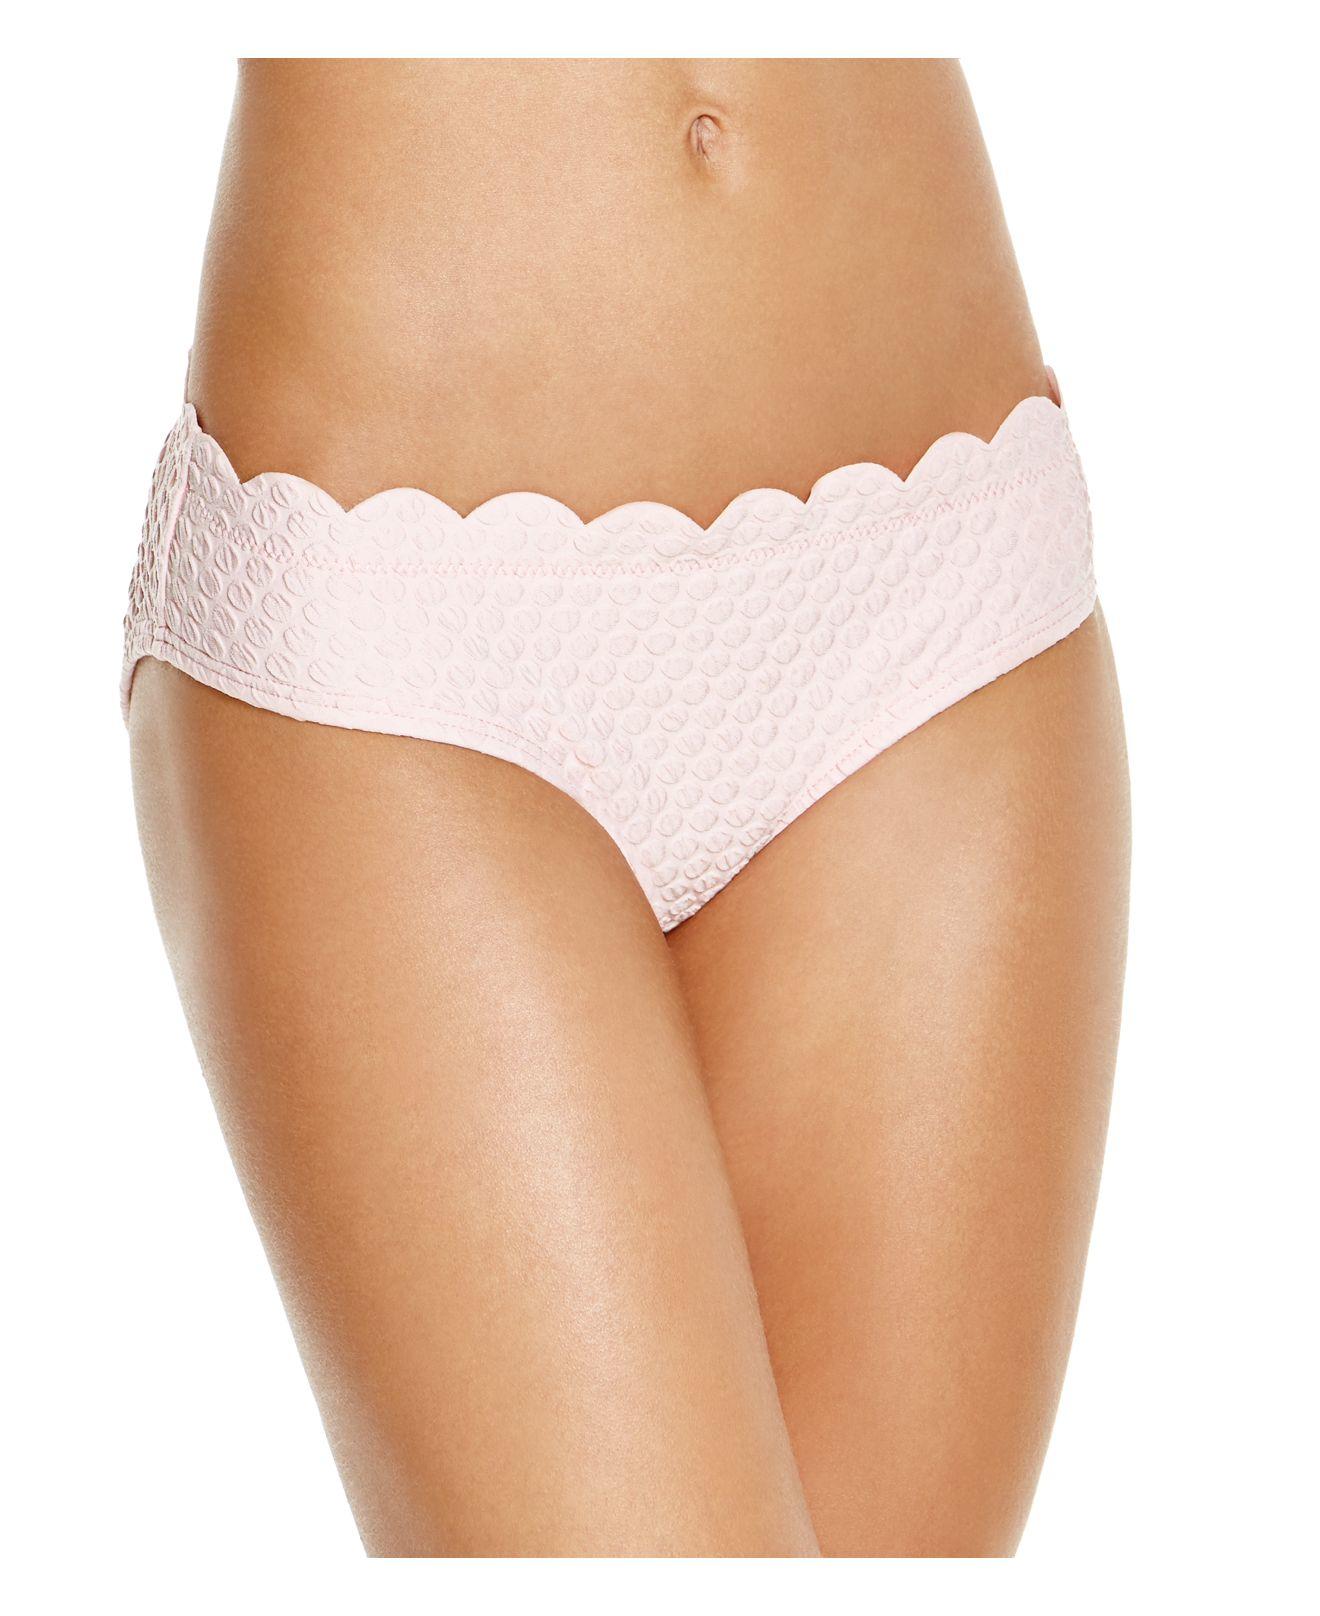 Kate Spade New York Marina Piccola Hipster Bikini Bottom